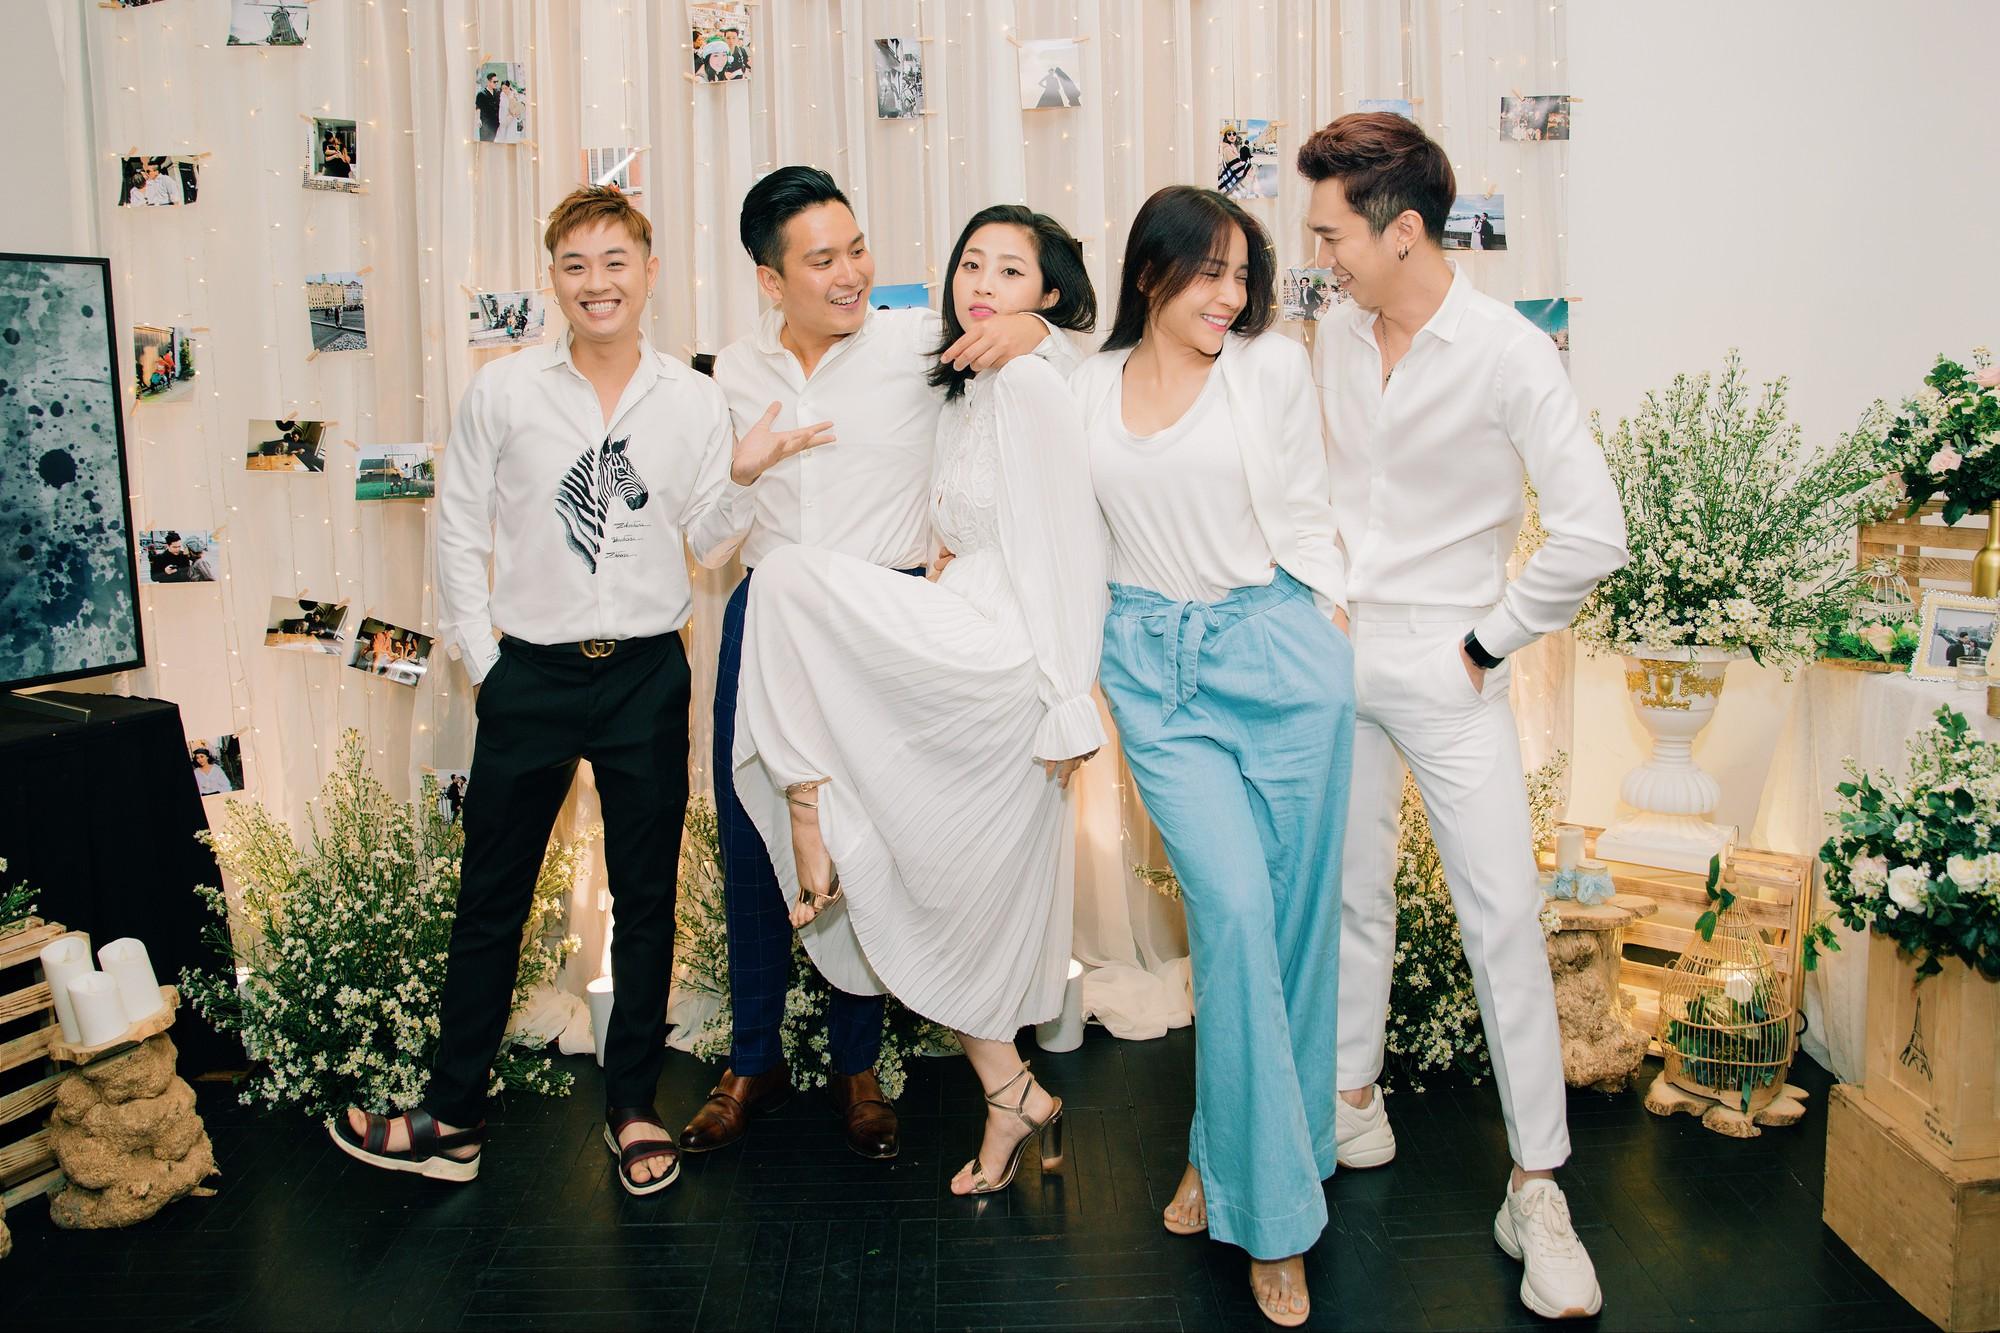 Chân dung bạn trai Việt Kiều vừa cầu hôn MC Liêu Hà Trinh   - Ảnh 9.